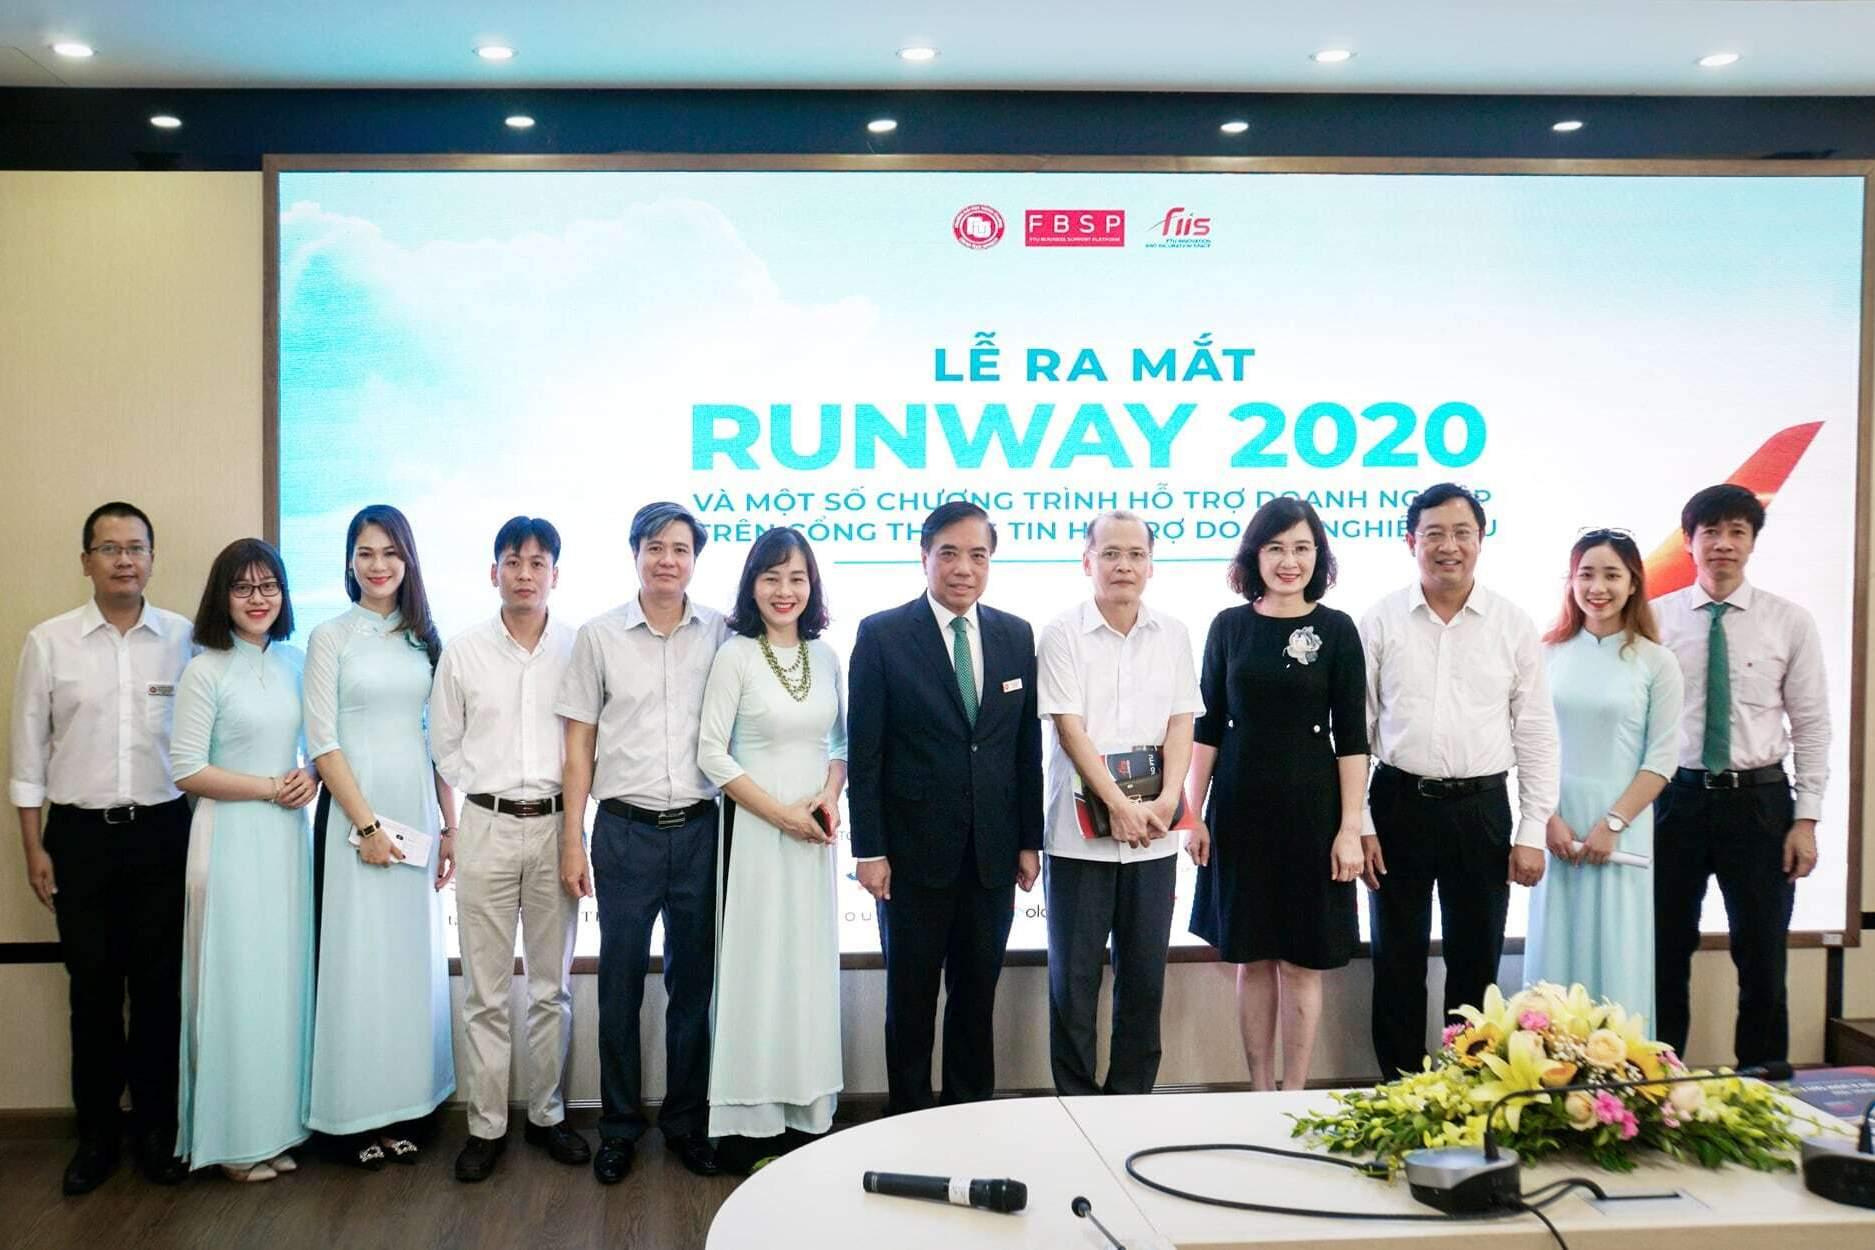 Đại học Ngoại Thương và đội ngũ mentors toàn cầu đồng hành cùng doanh nghiệp Việt tiến ra thế giới